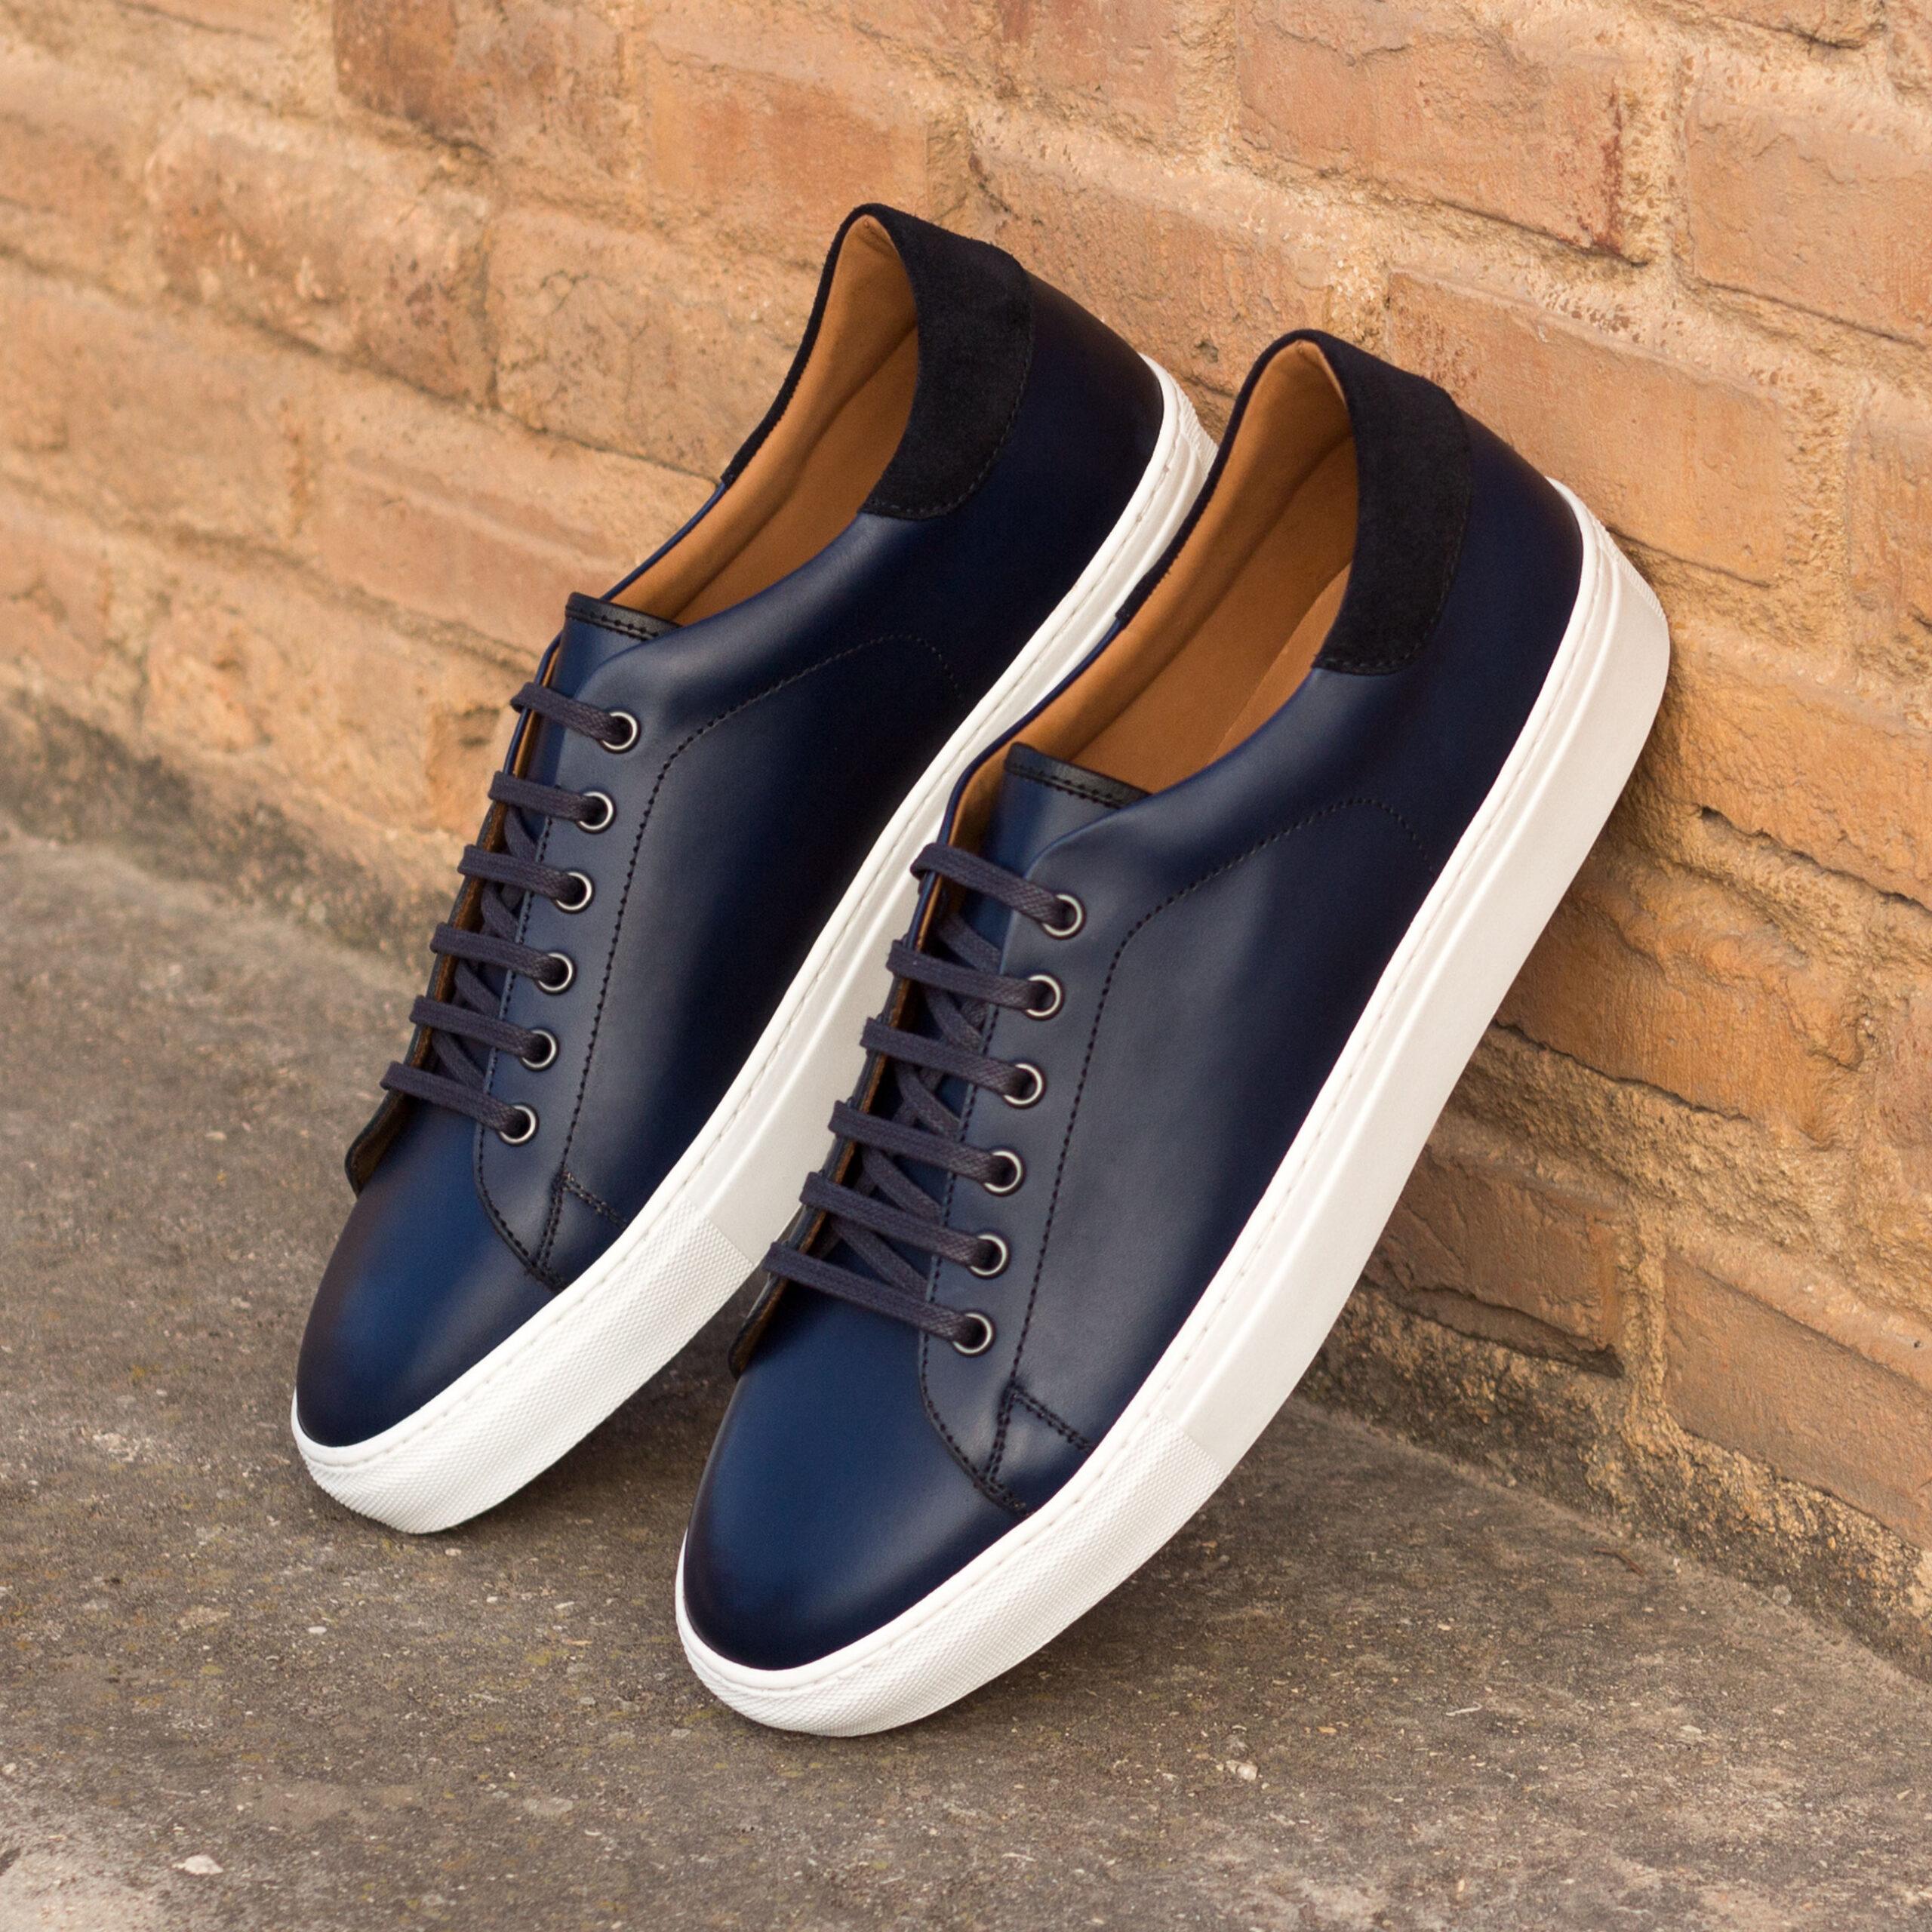 Où acheter des baskets sneakers sport outdoor tendance homme cuir lisse ou suedé bleu en ligne?